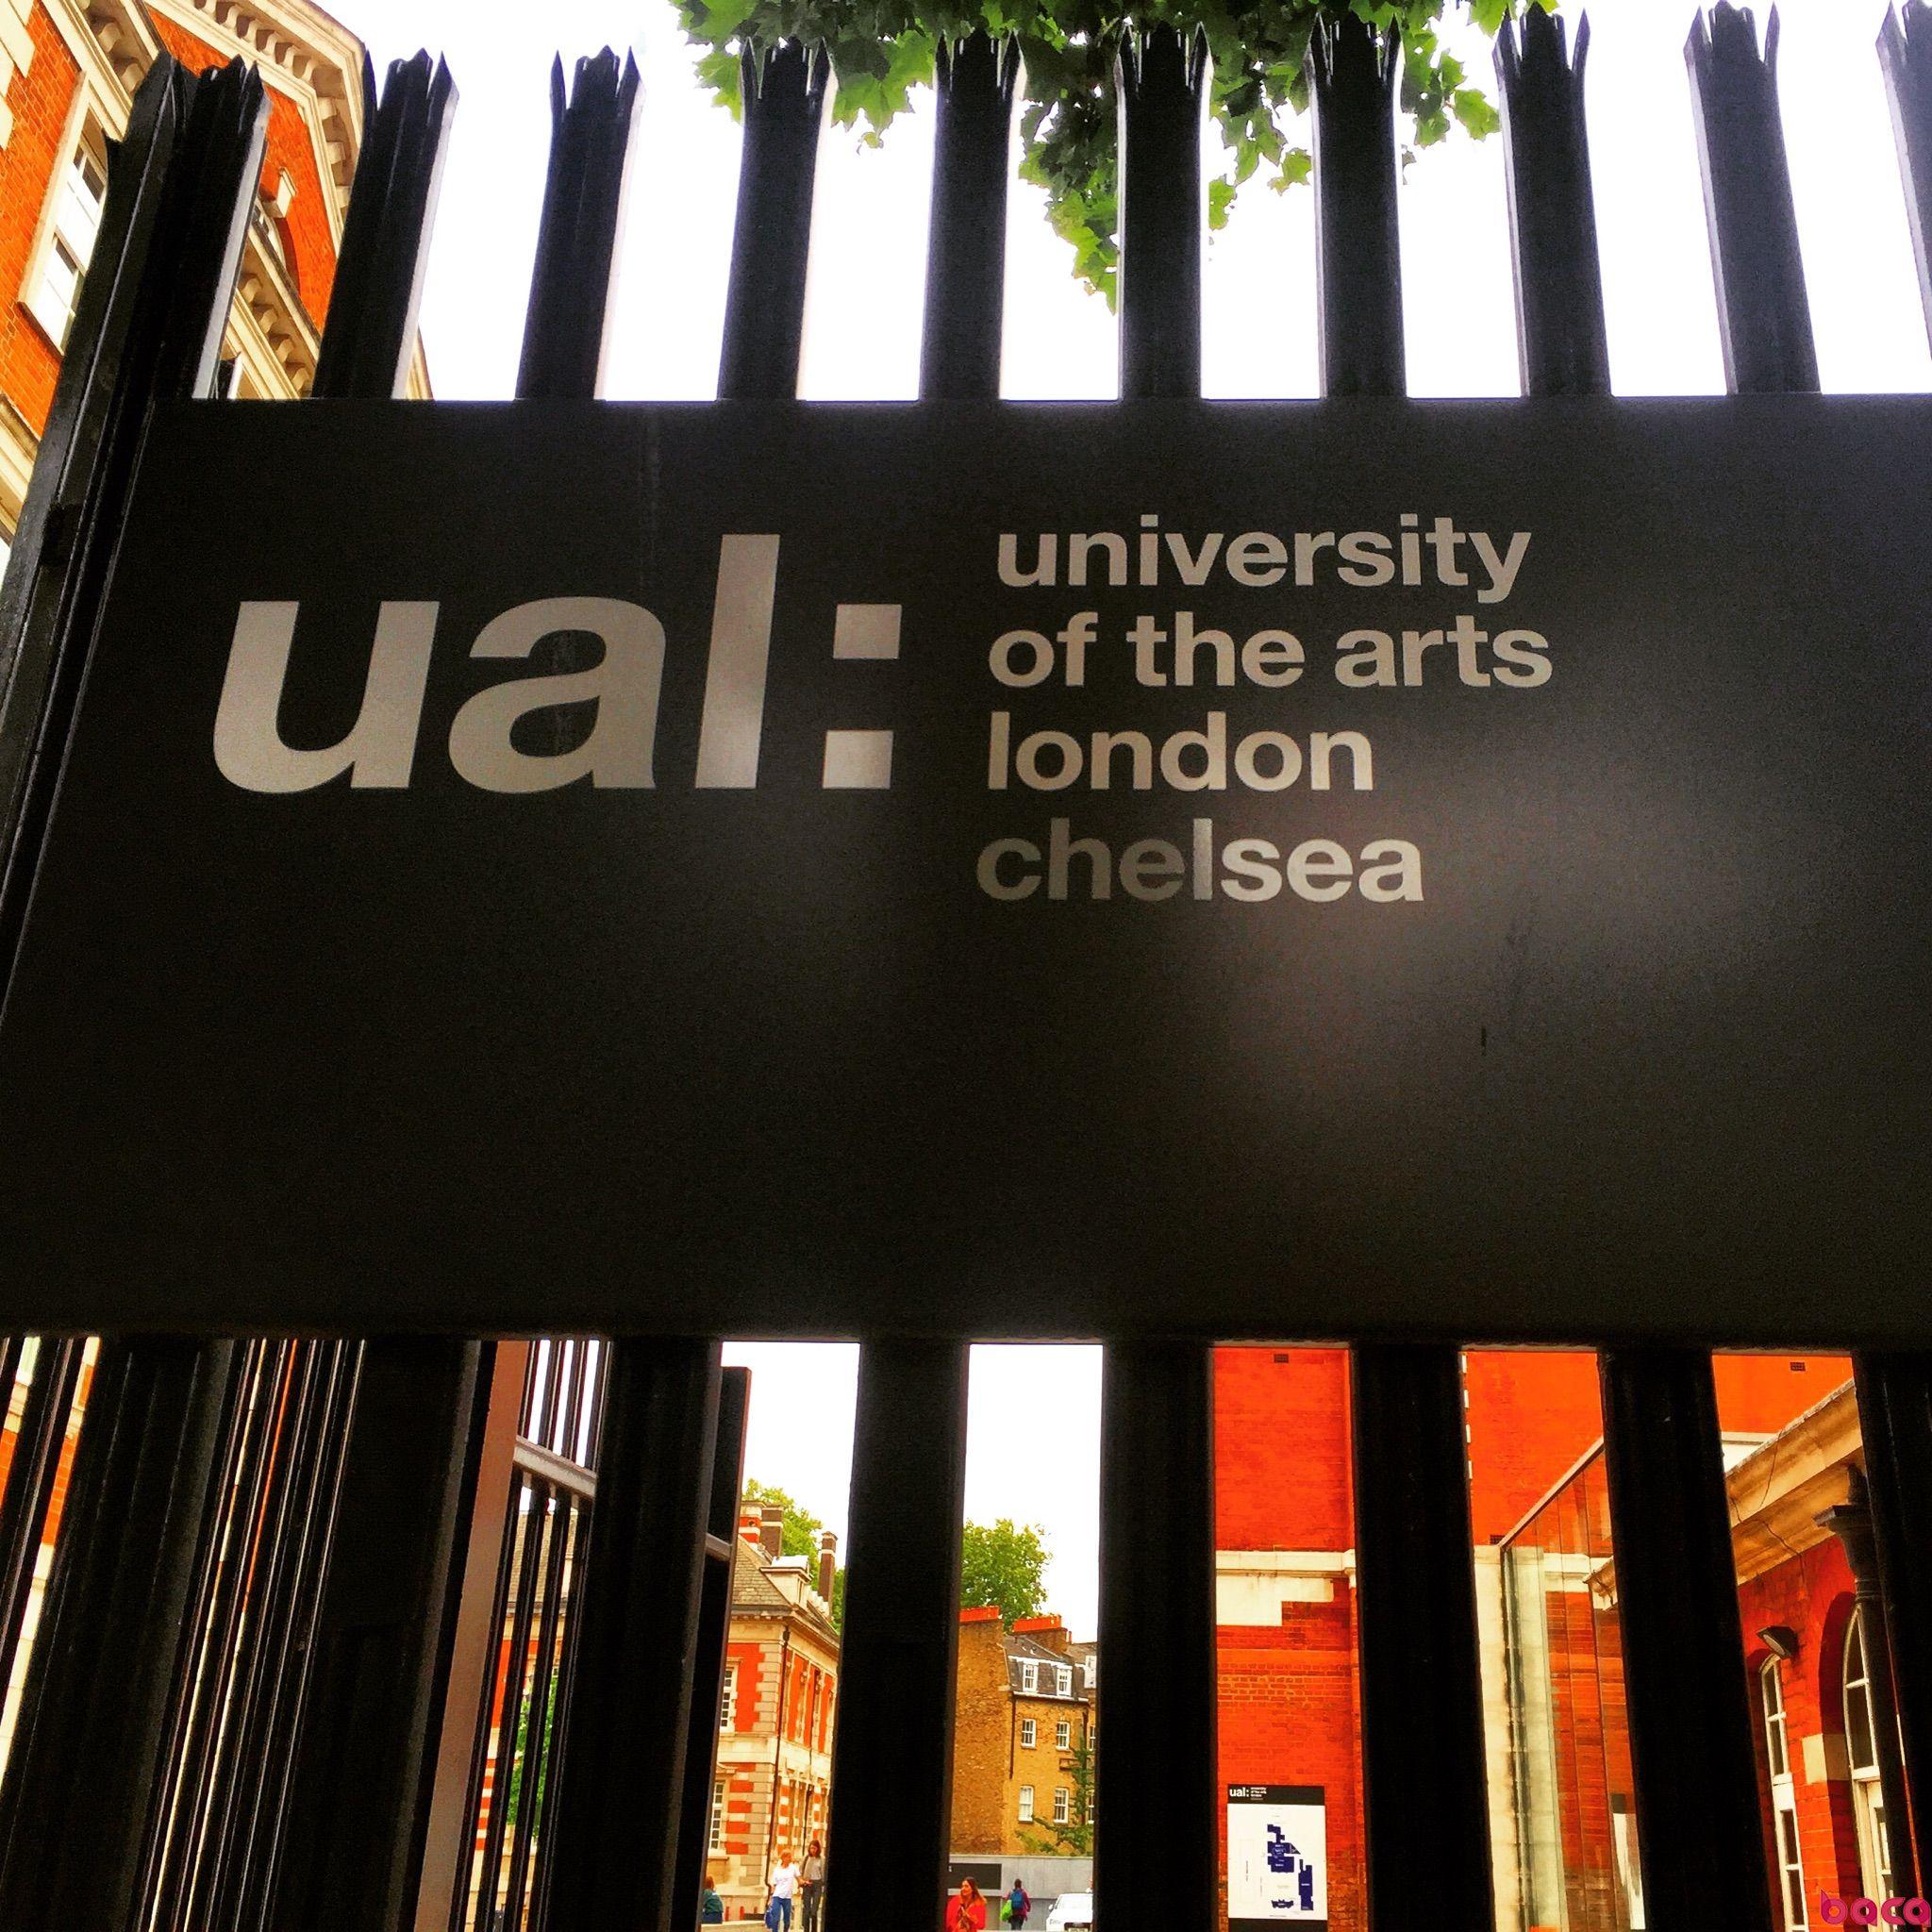 2020伦敦艺术大学语言班宿舍开放申请详情介绍|BACA资讯